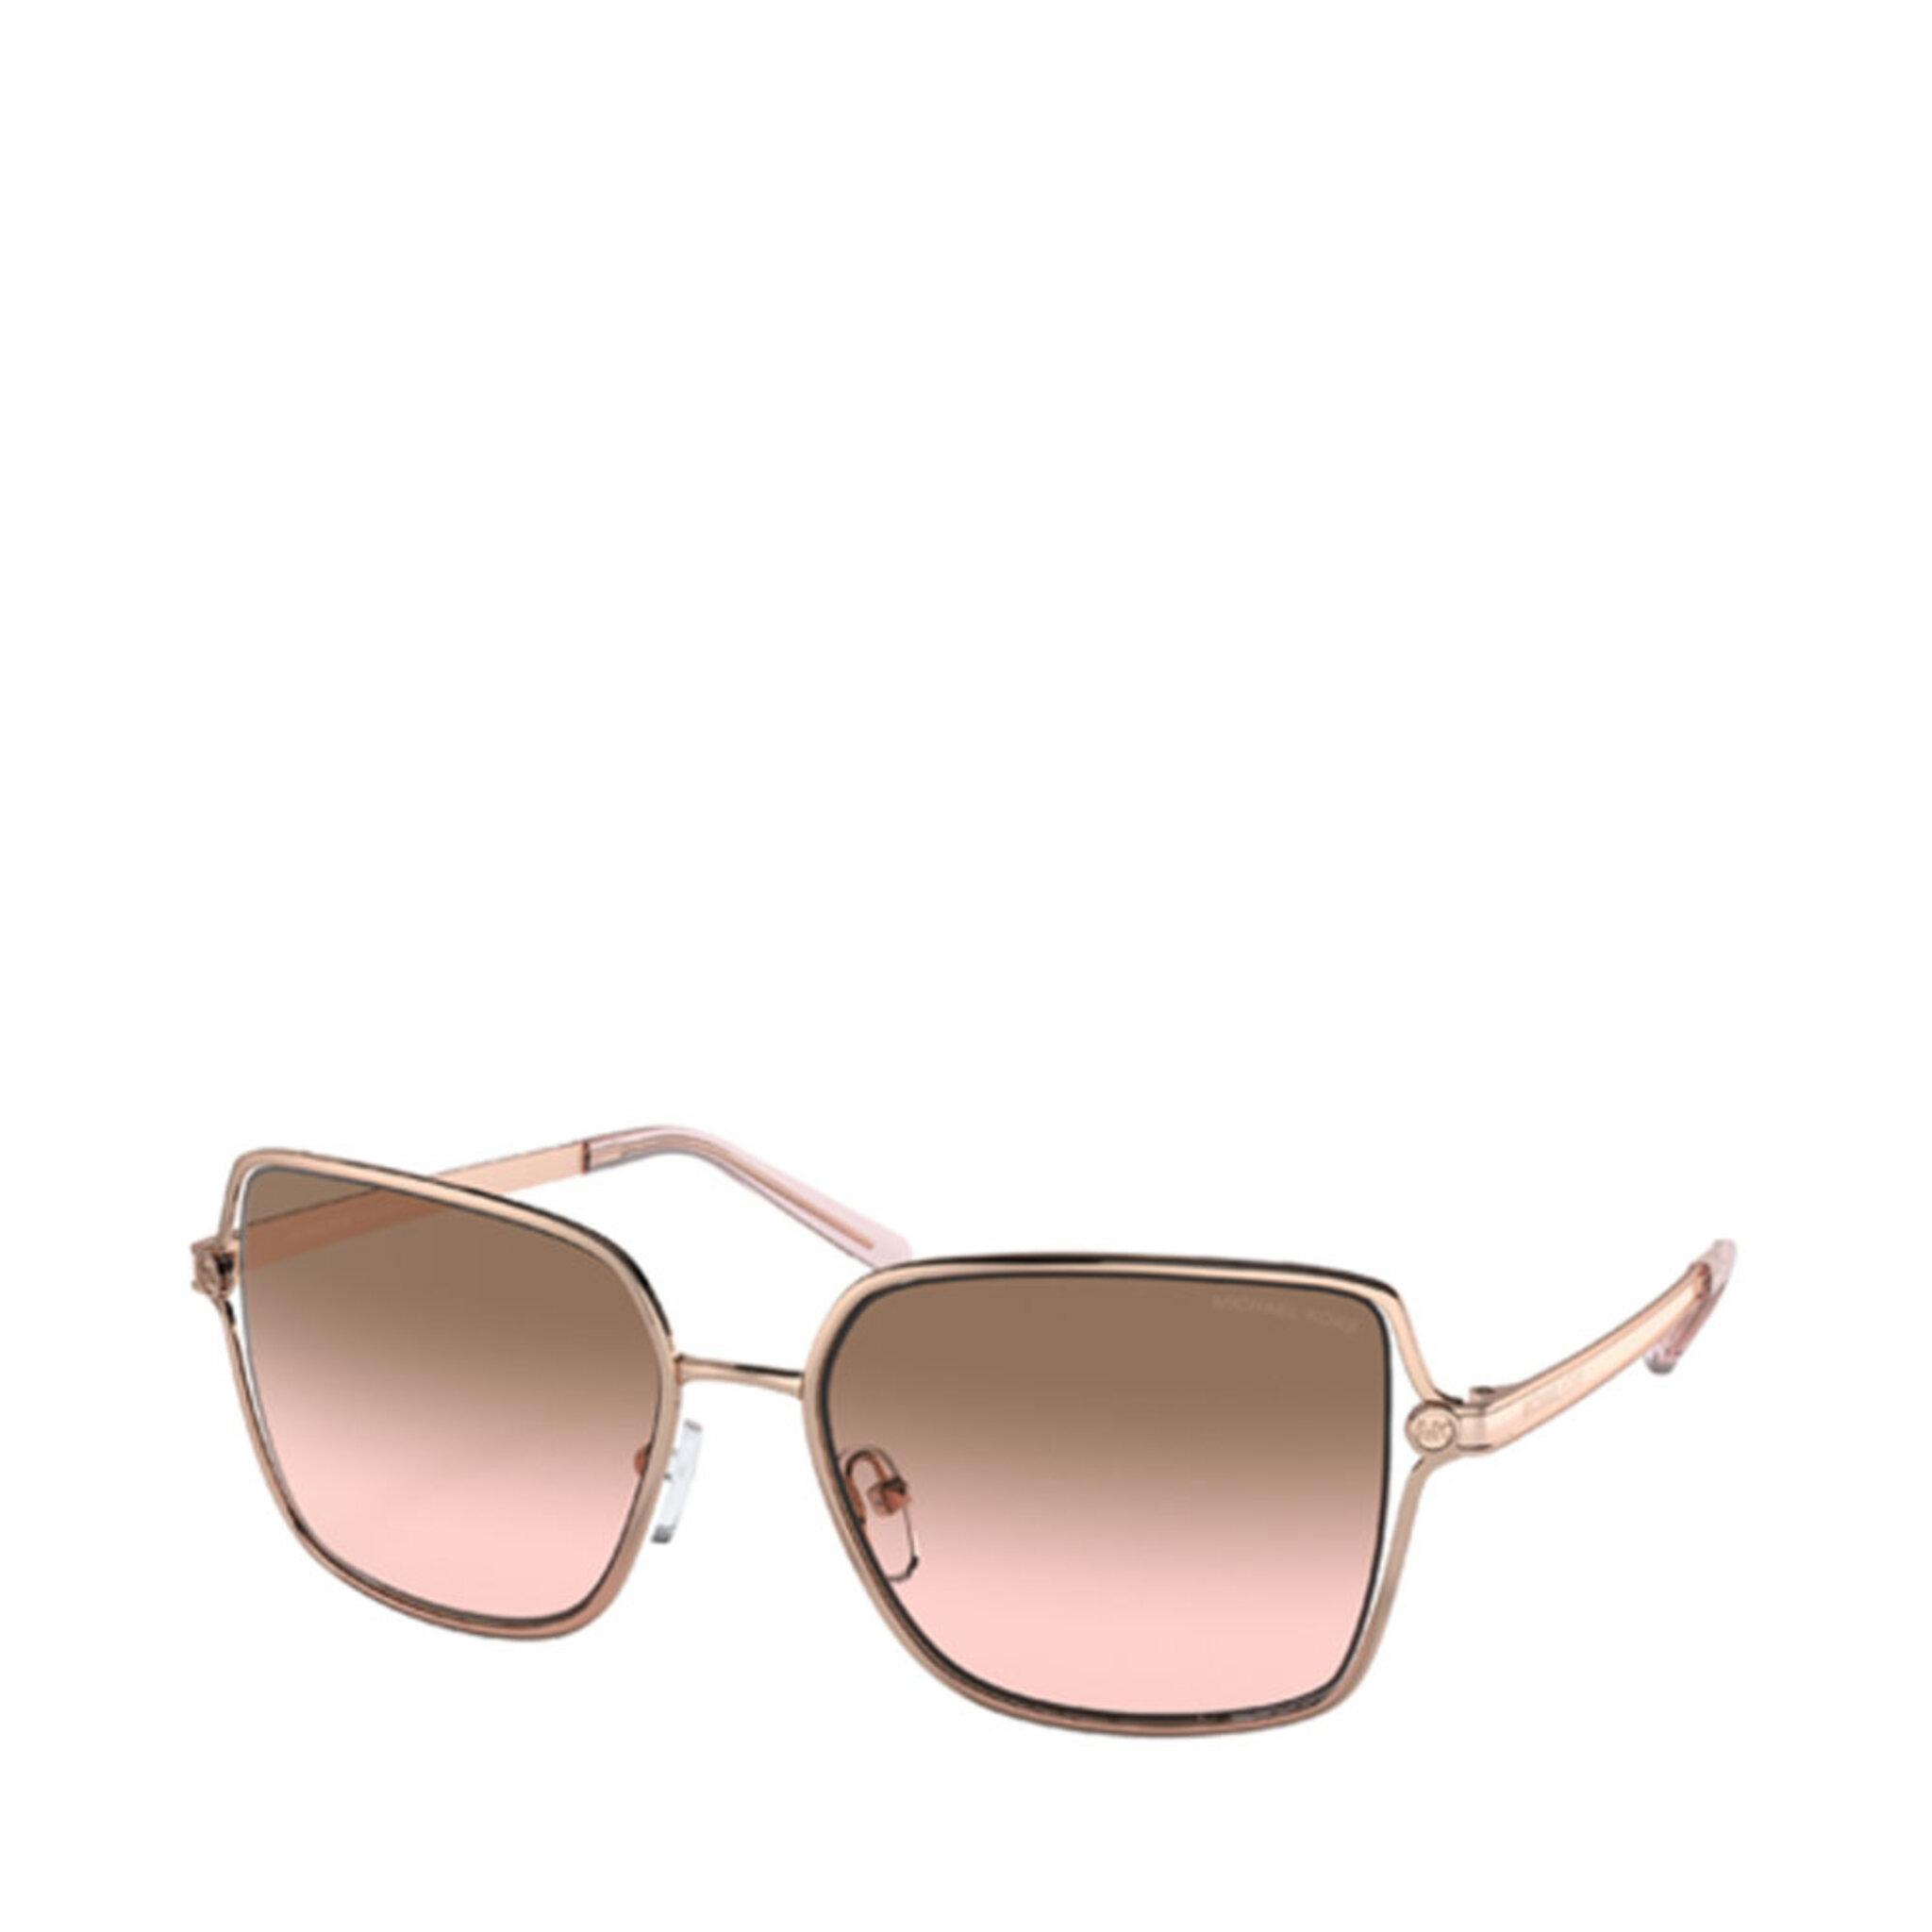 Sunglasses CANCUN 0MK1087